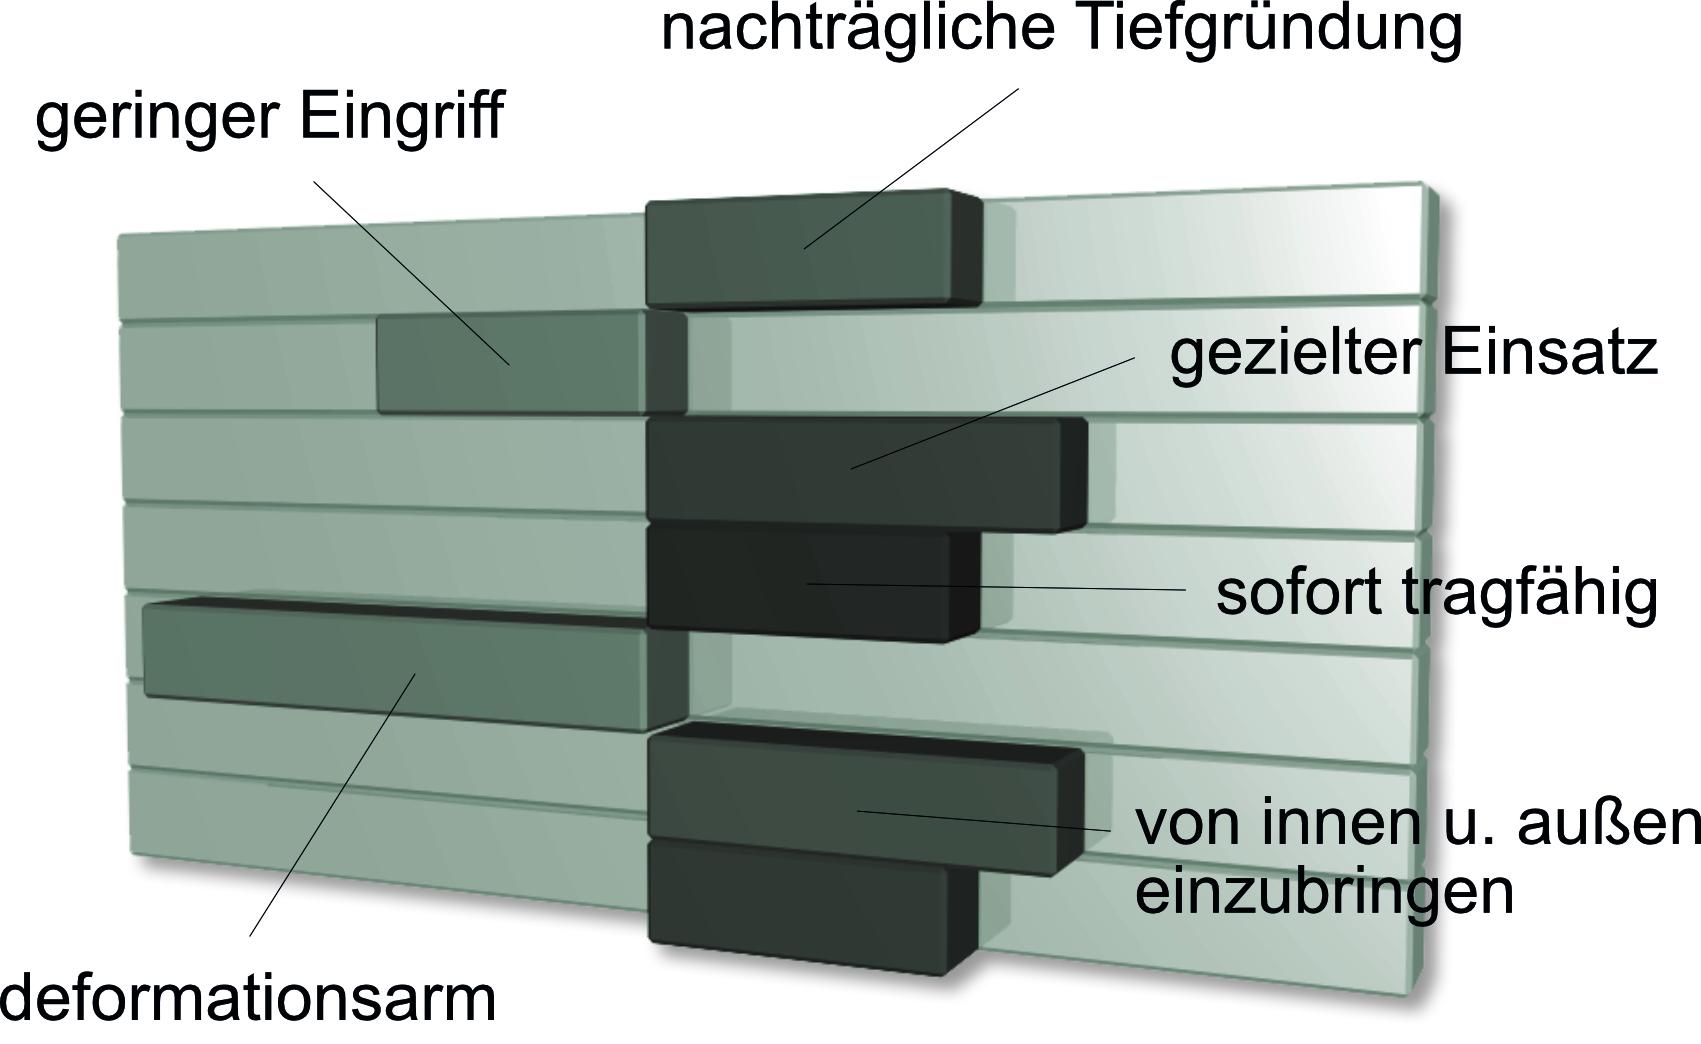 Gründungssanierung Diagramm